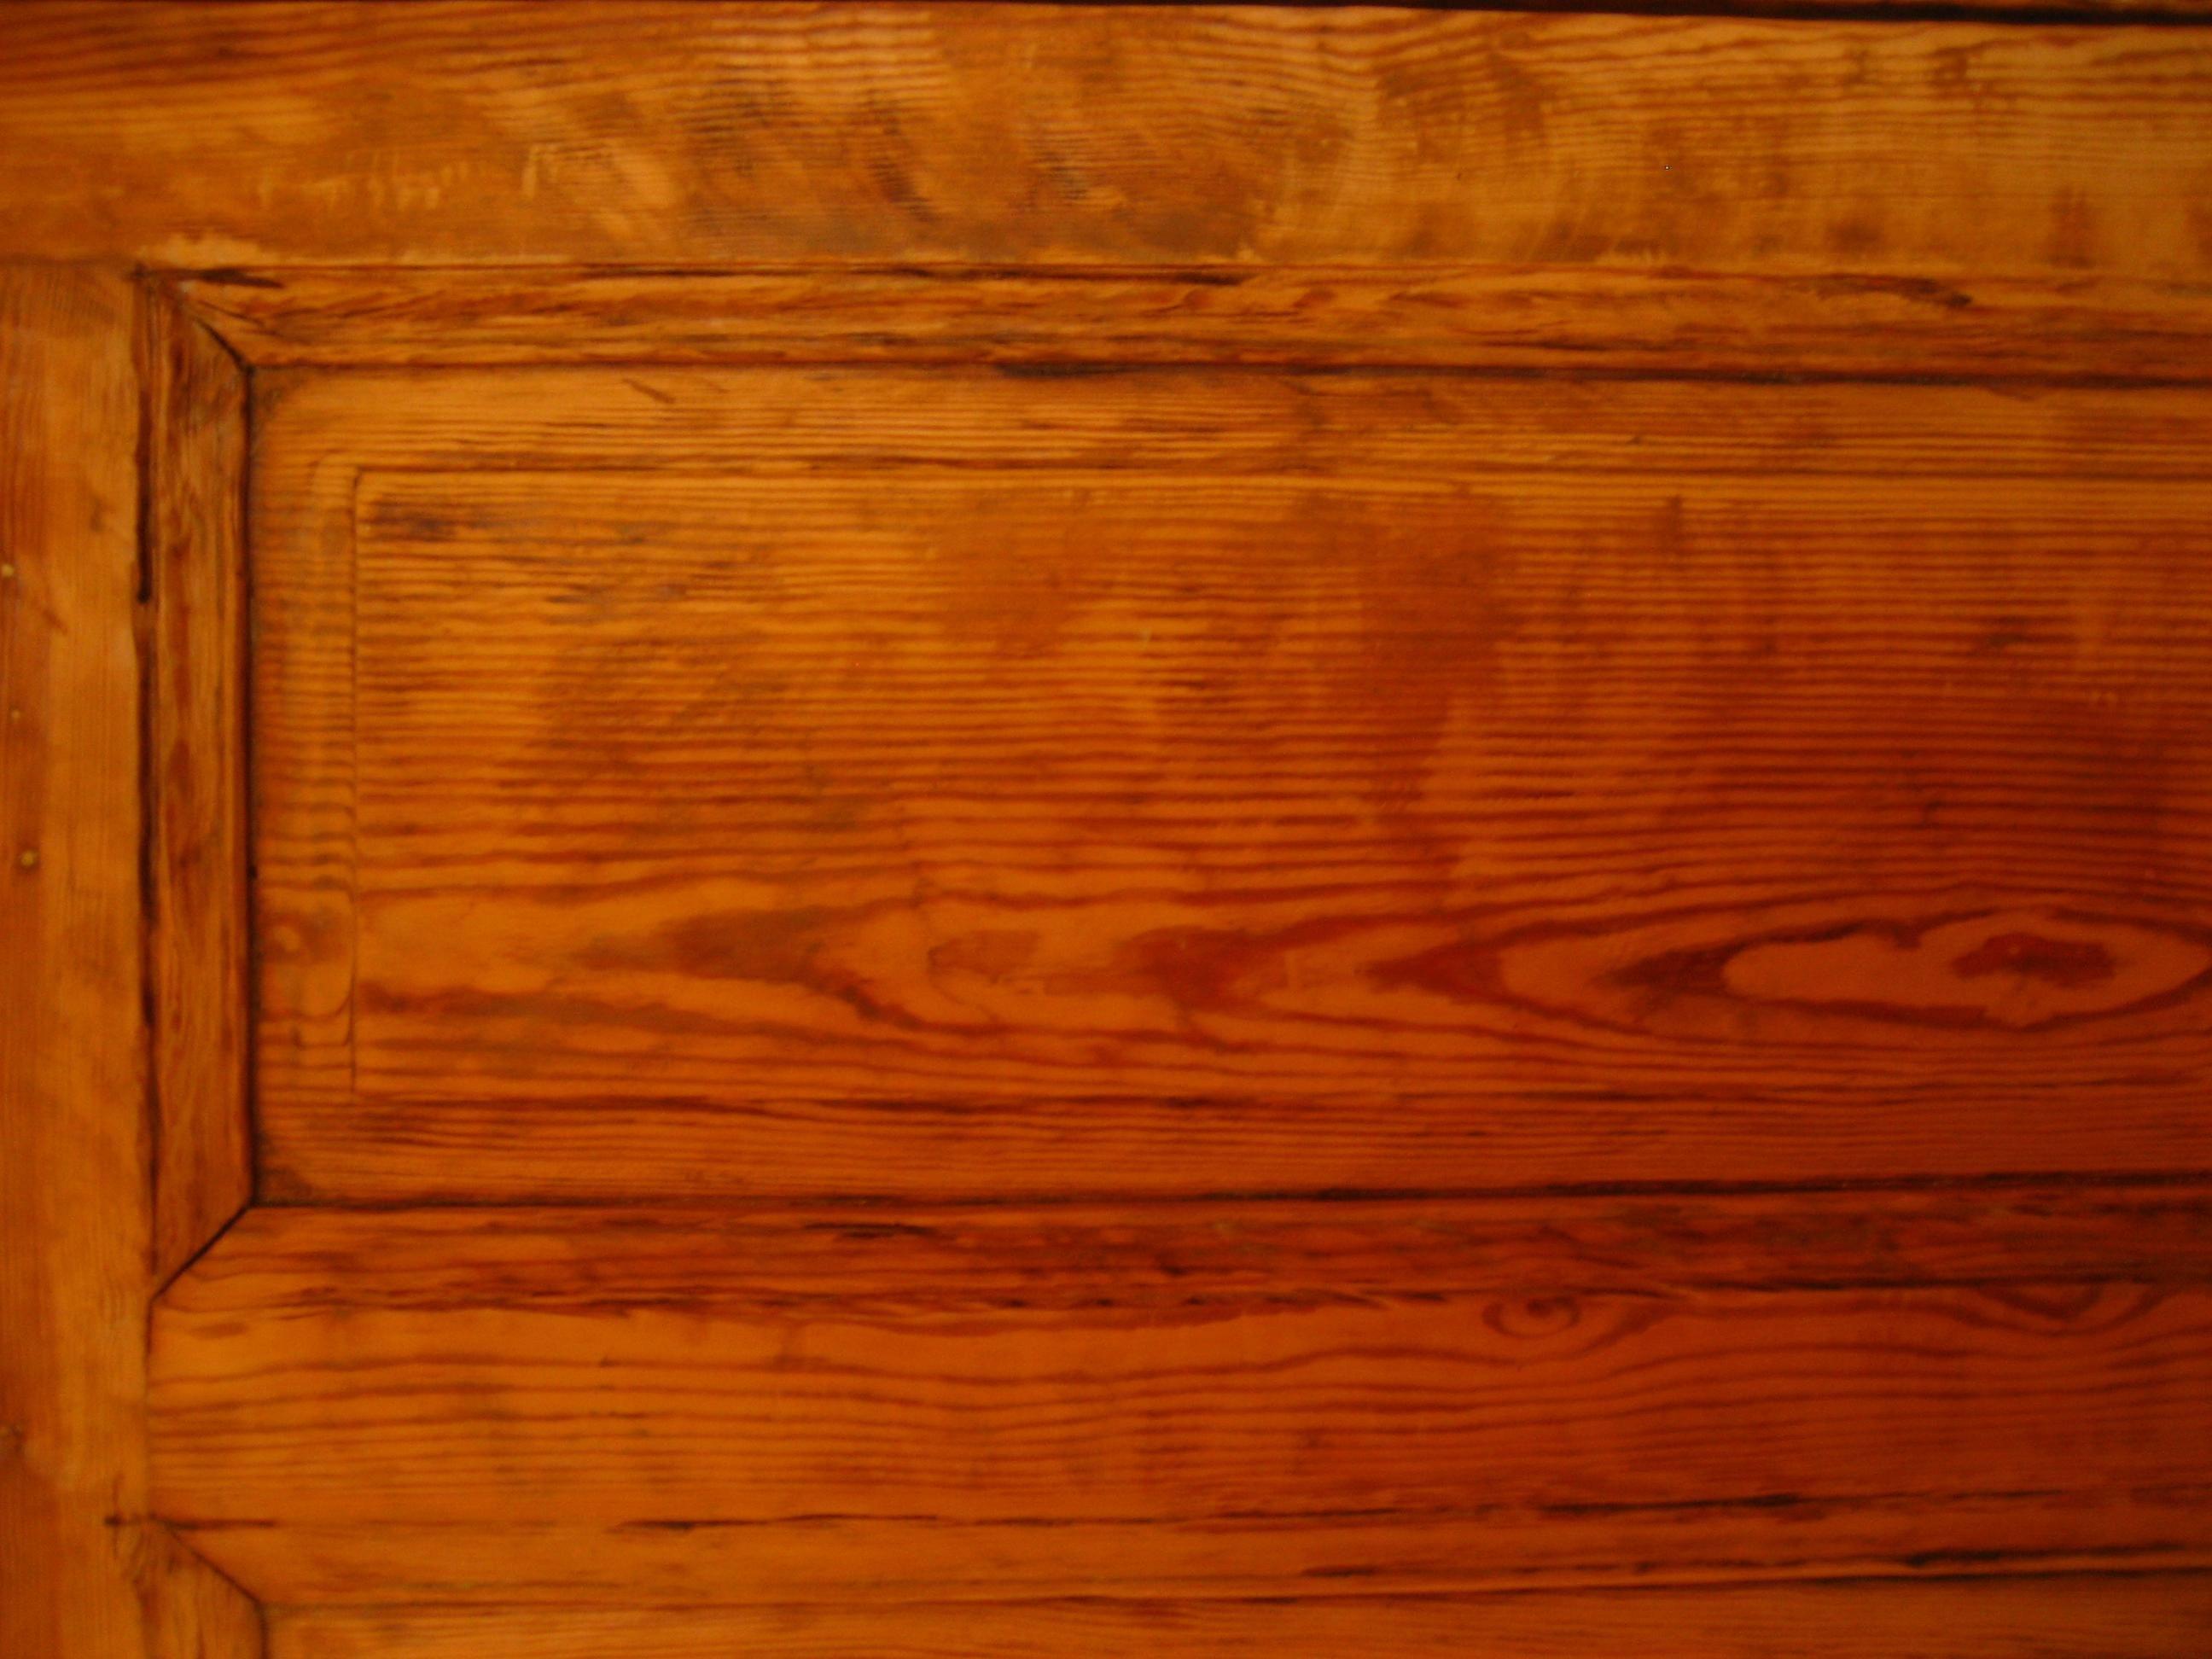 ... wooden furniture interior design door & Free picture: red wooden furniture interior design door